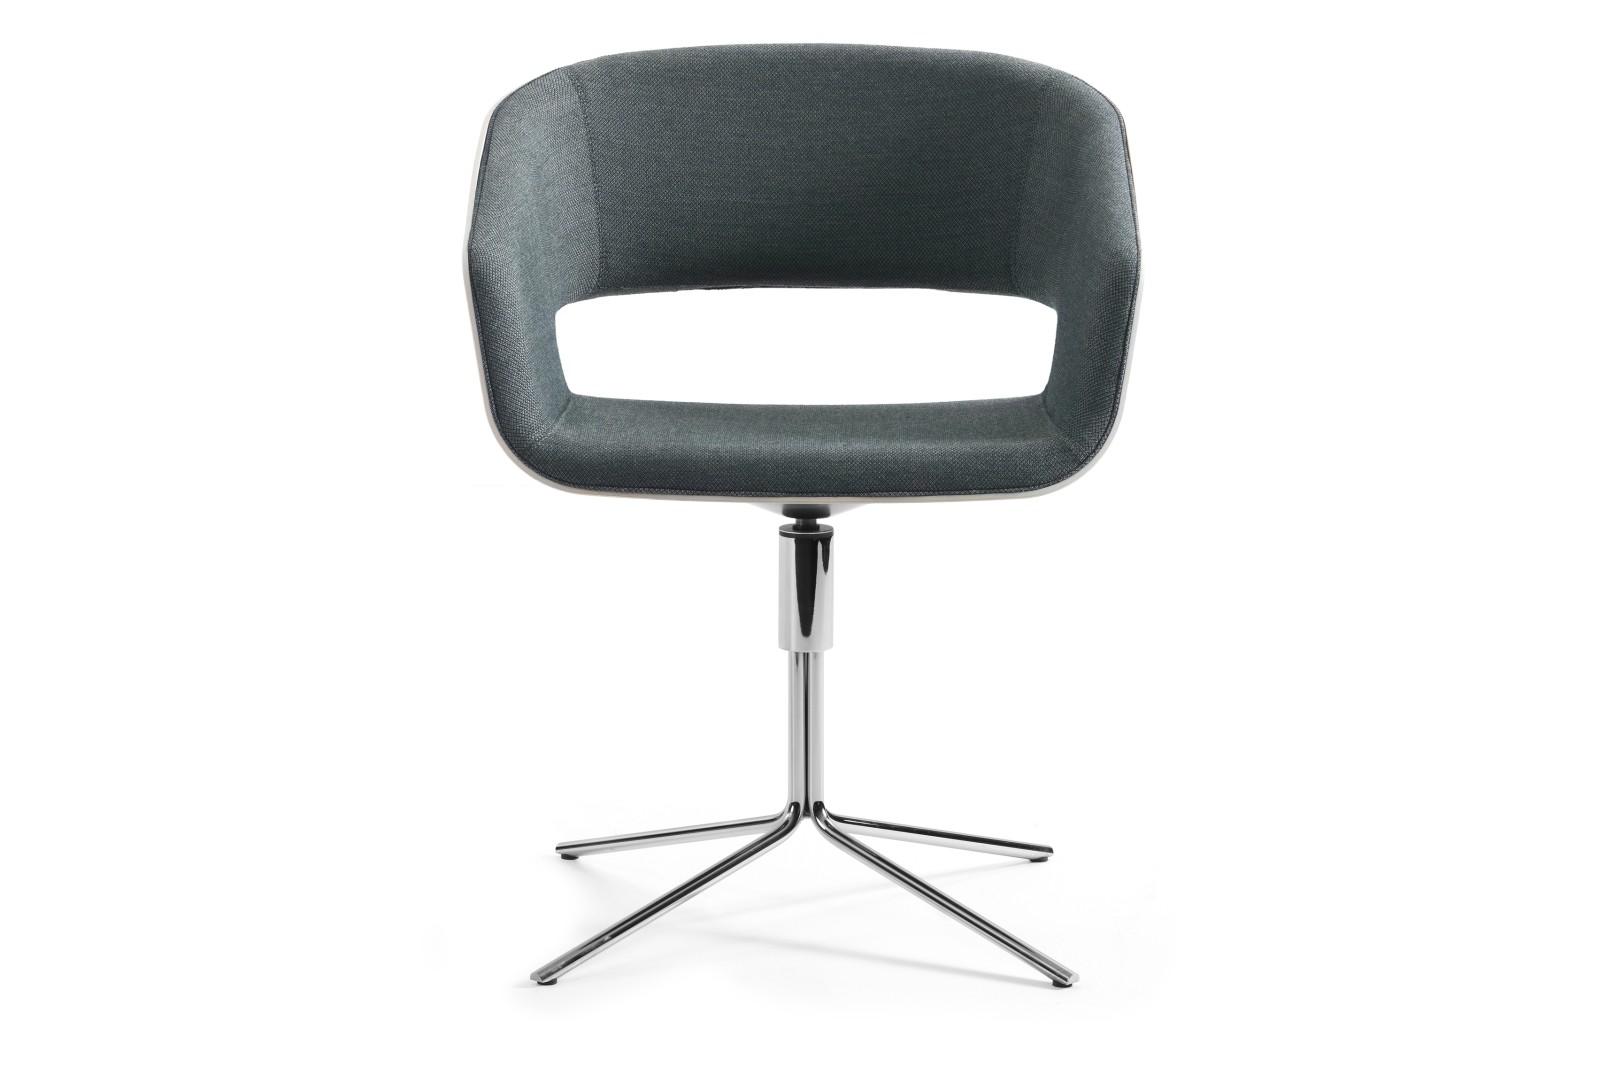 Gap-07-46 Chair Swivel Base Pricegrp. PG4, Chrome, White